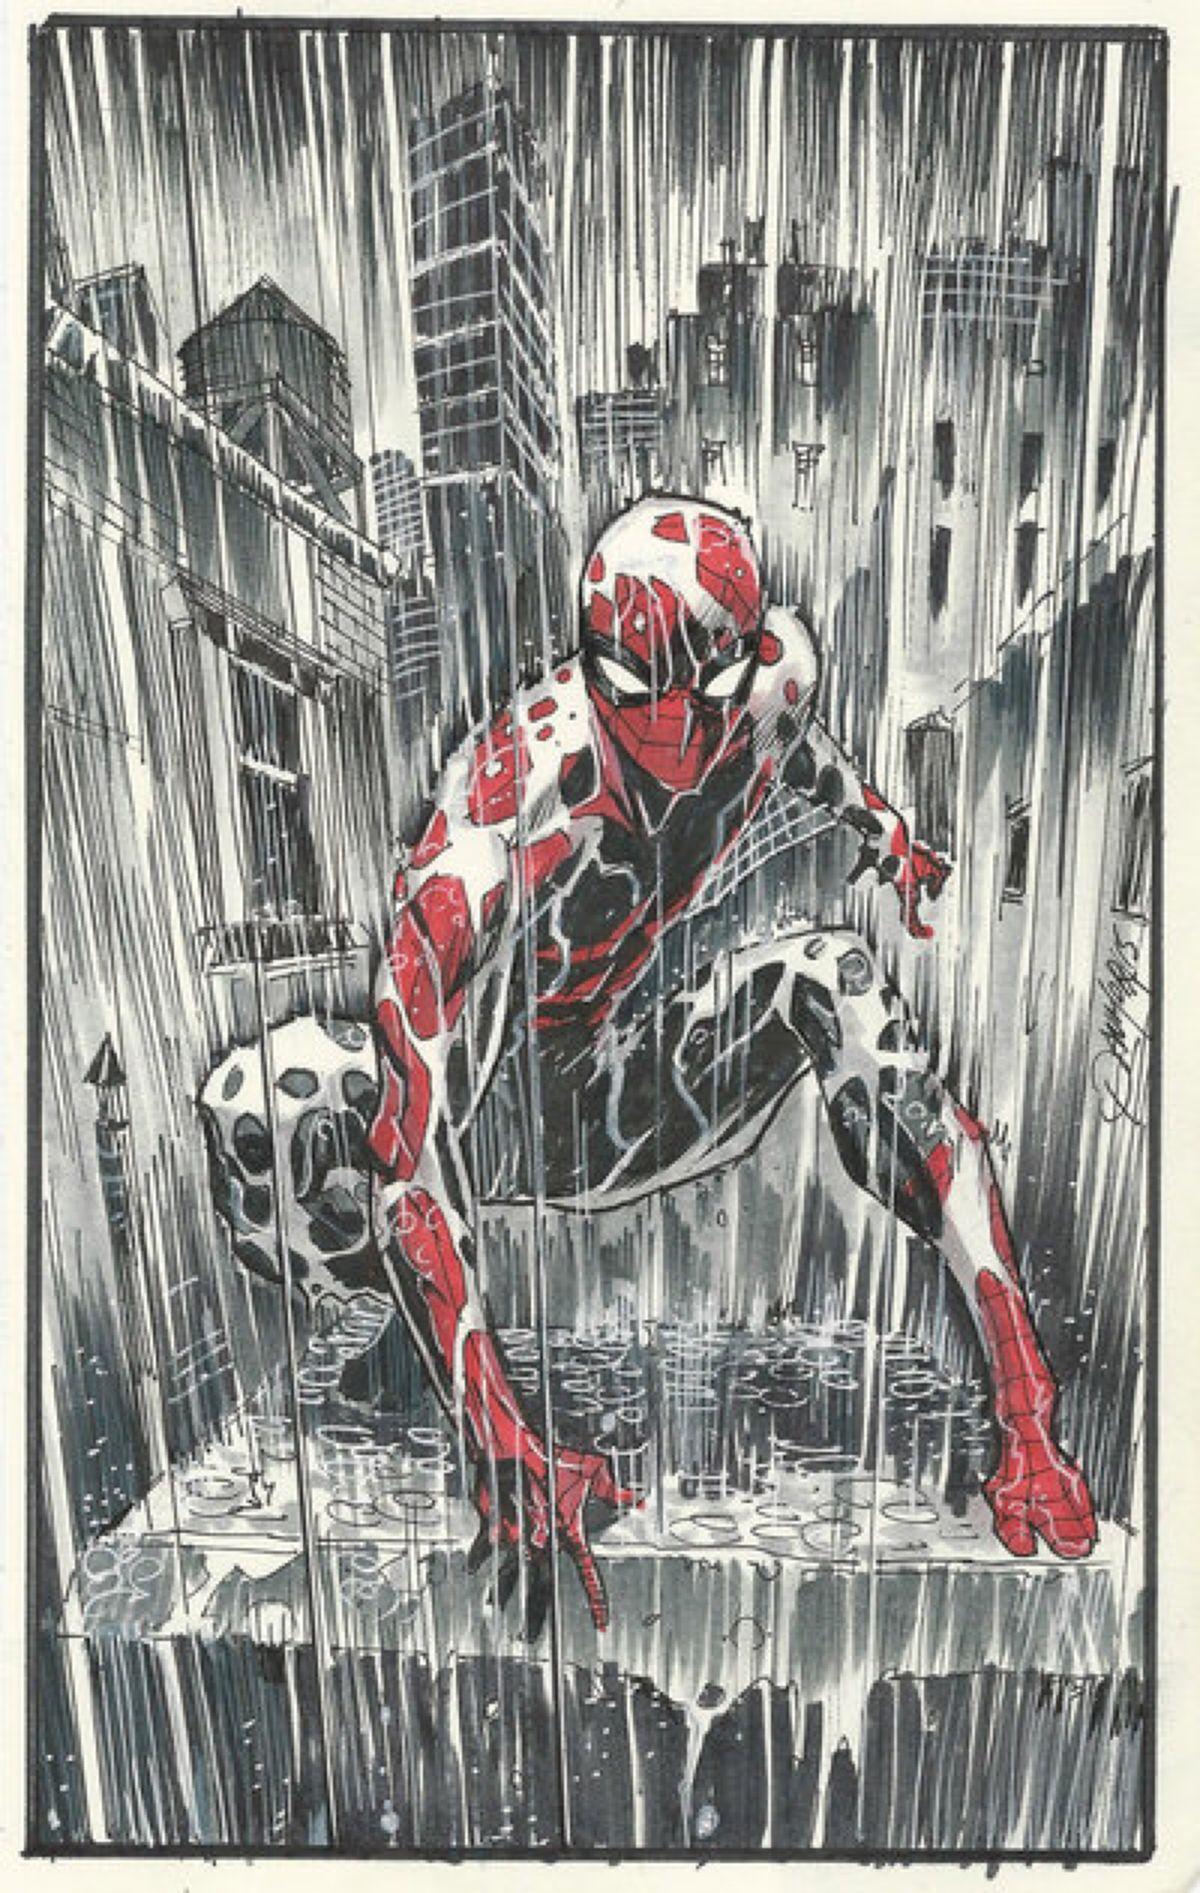 Spiderman Spiderman Marvel Spiderman Spectacular Spider Man